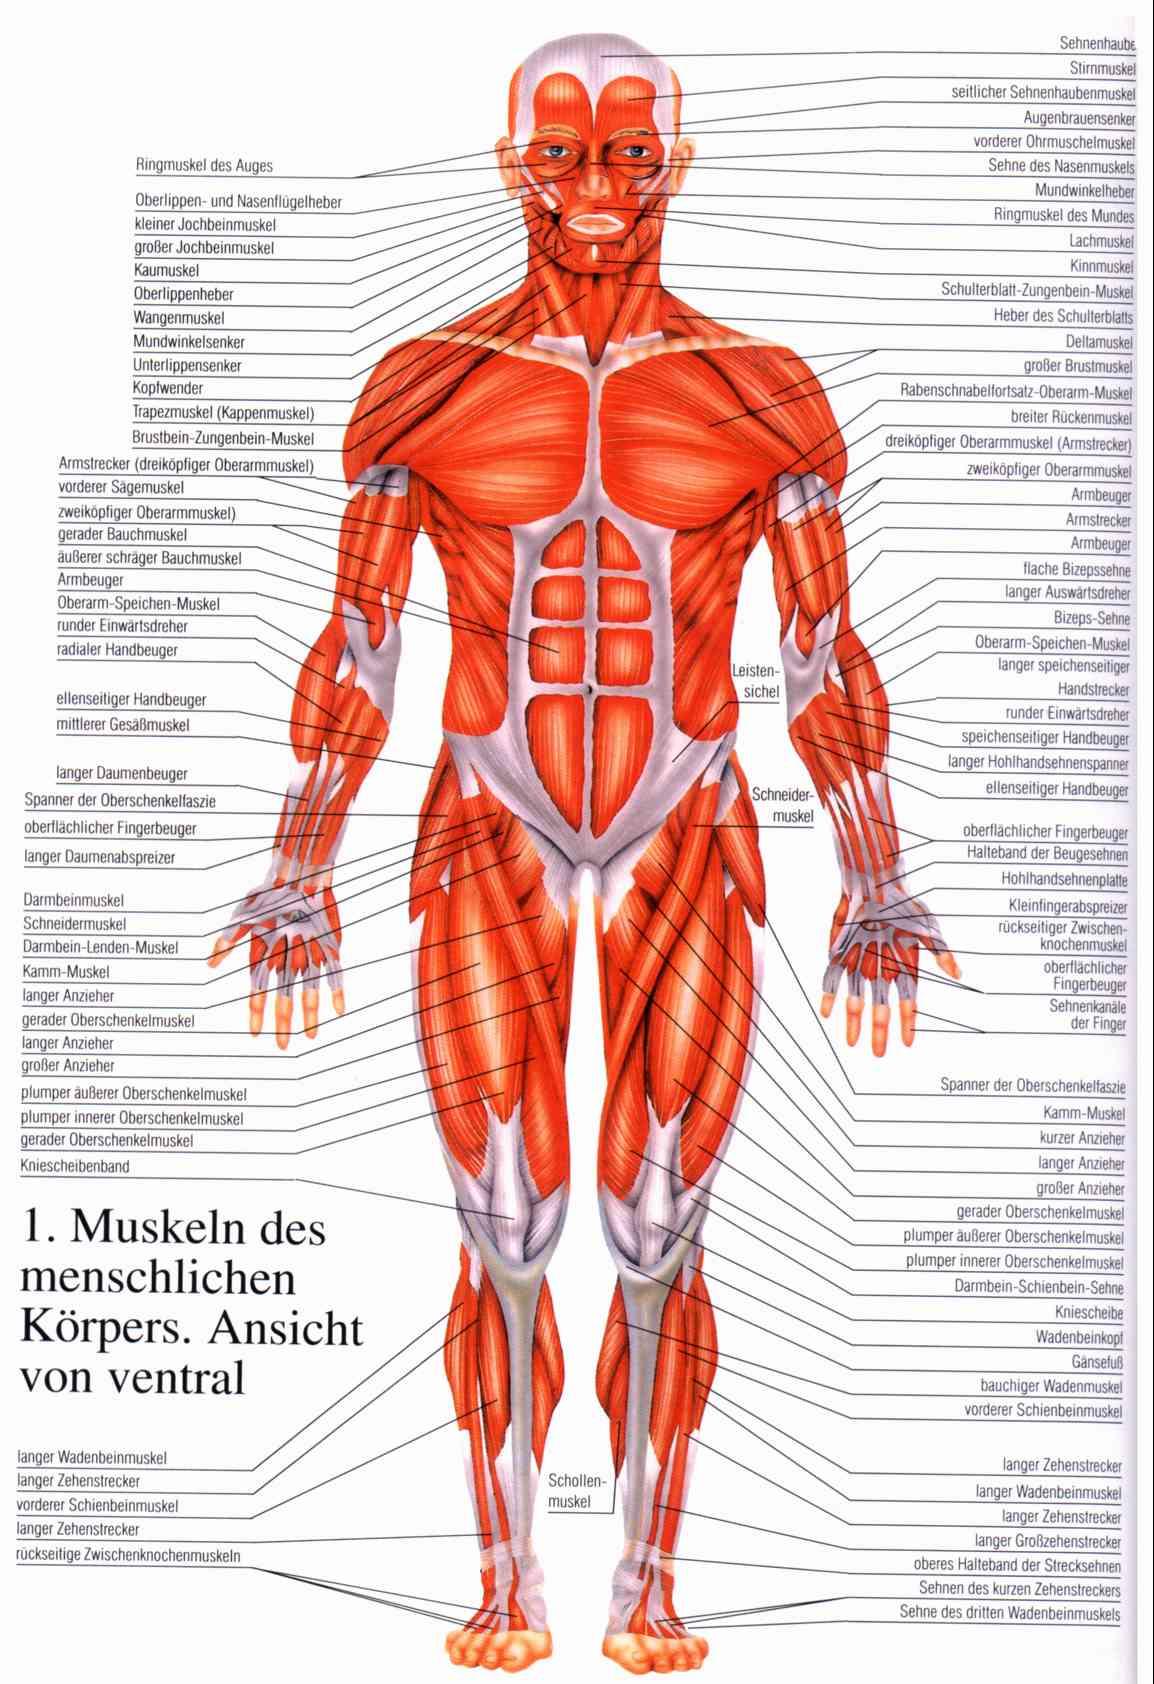 wie kann ich muskeln aufbauen und fett abbauen